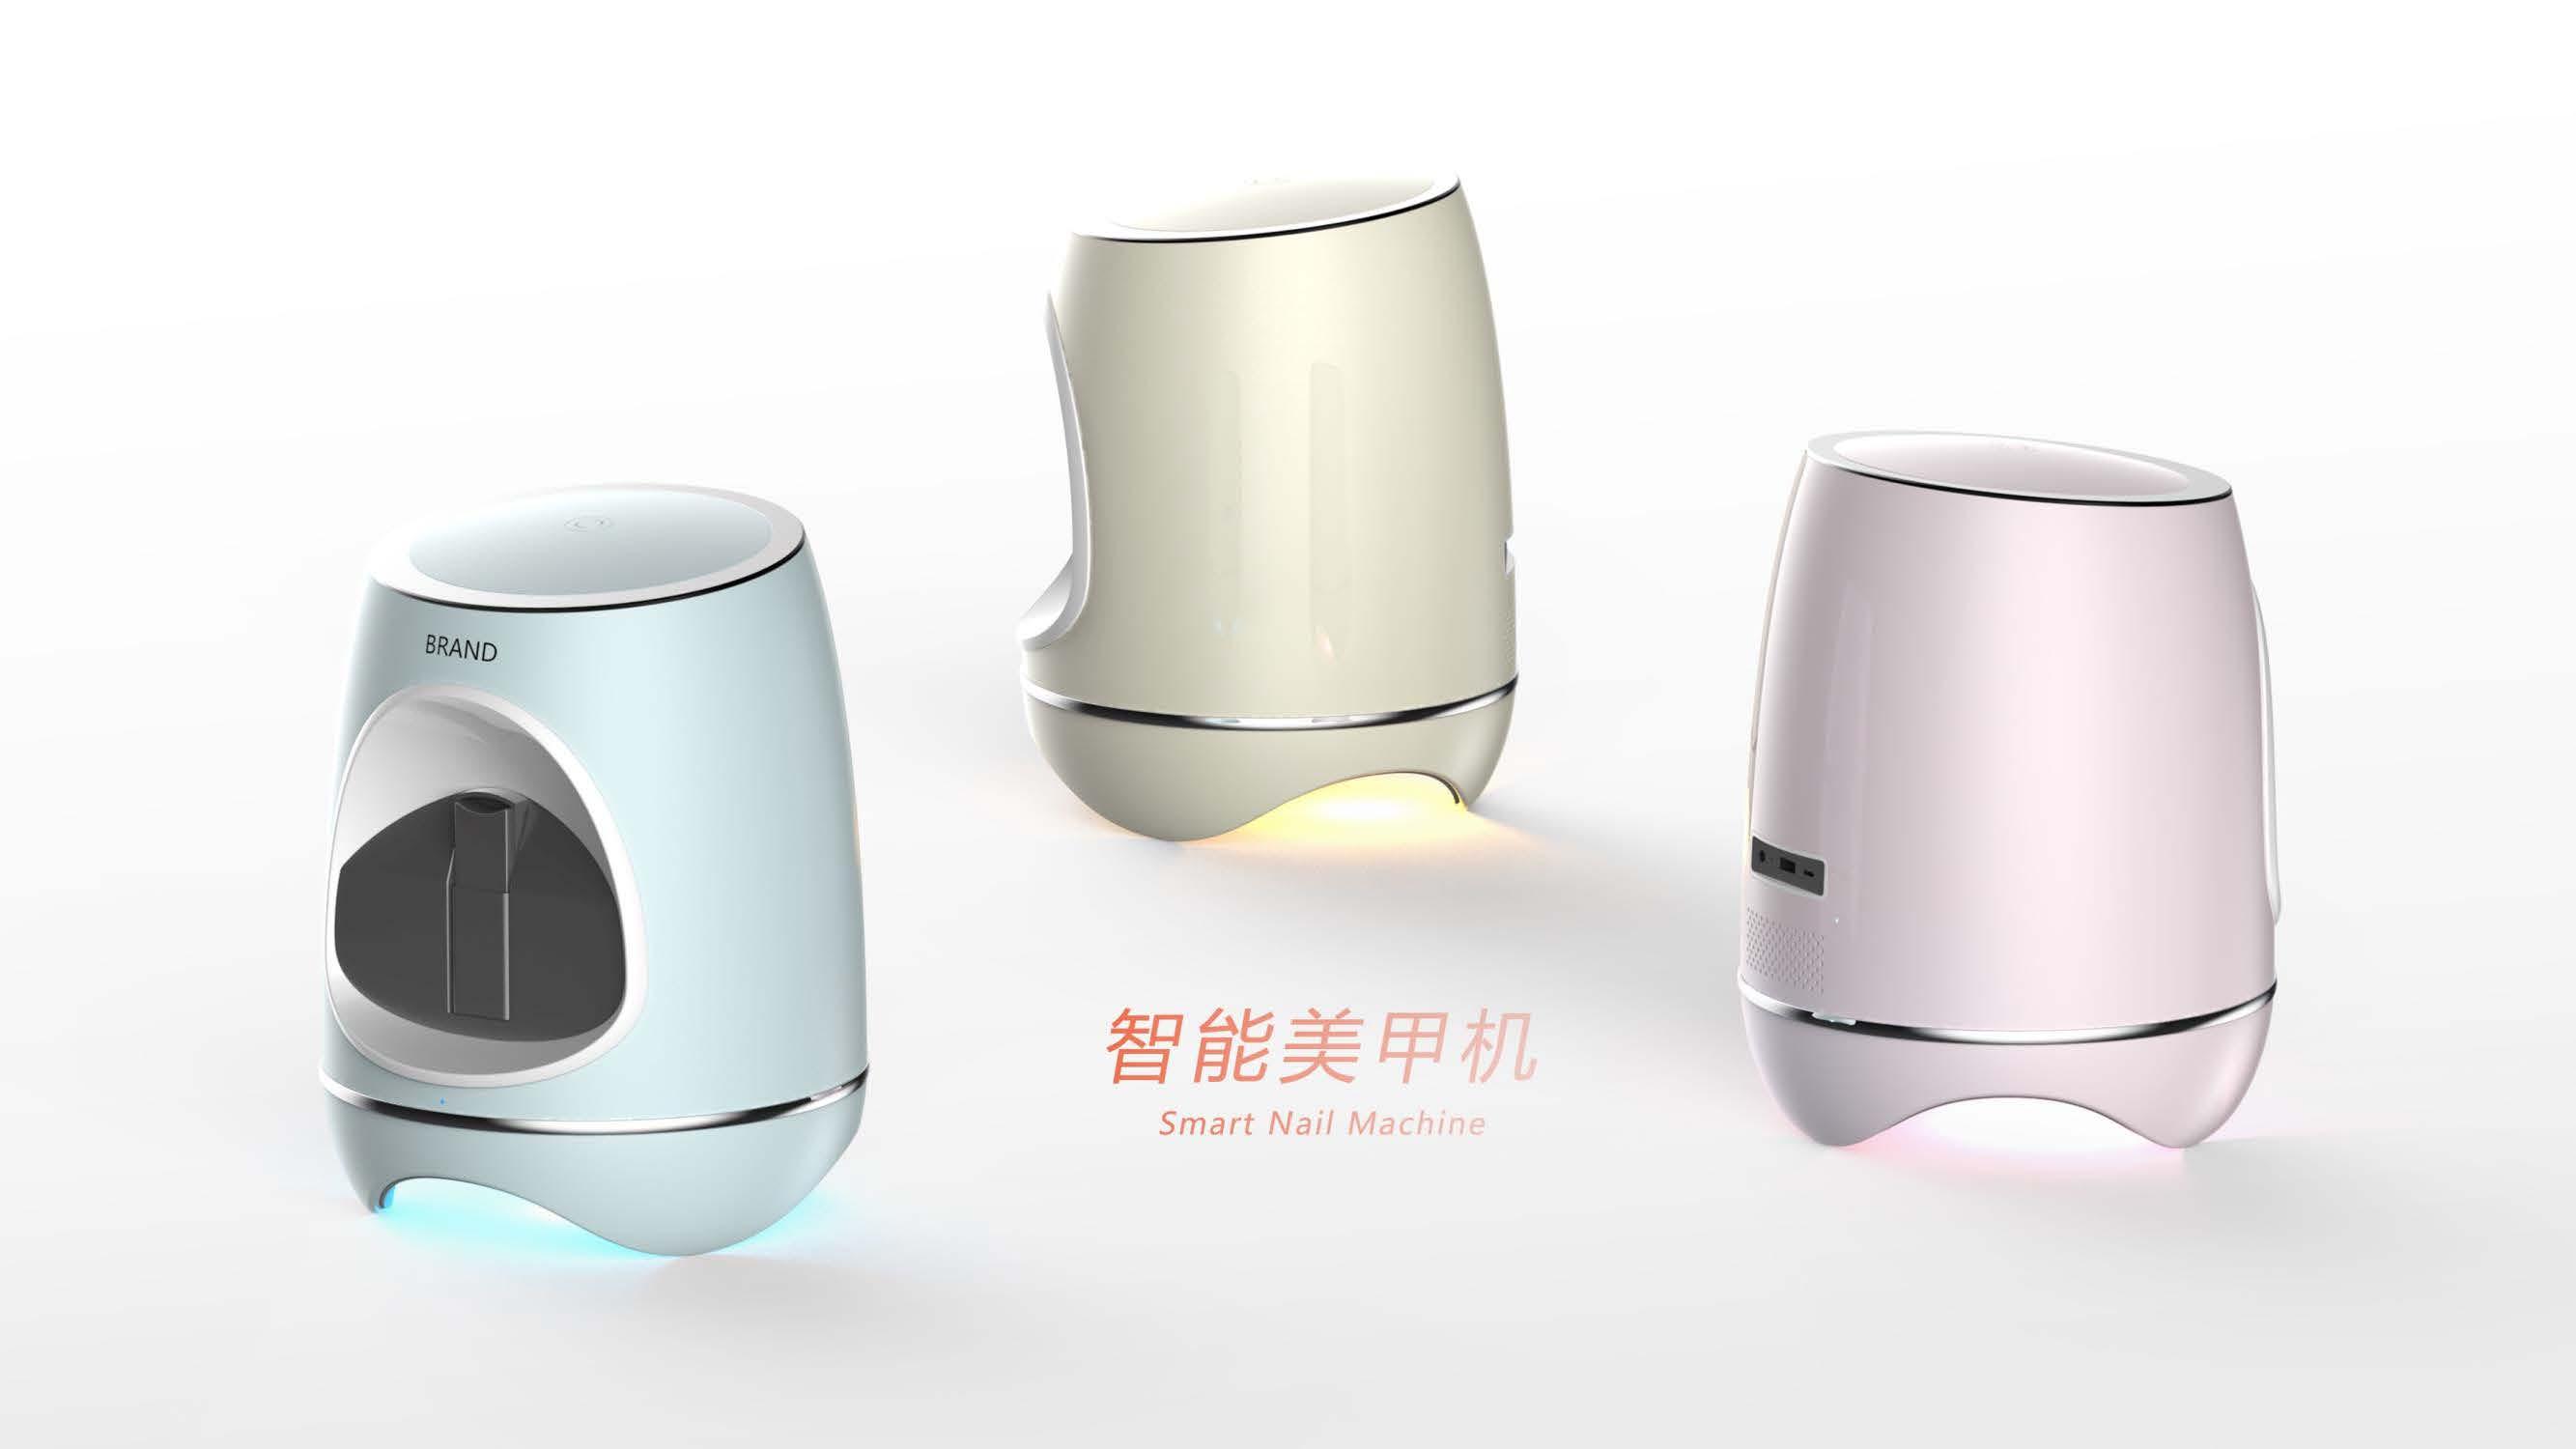 外观设计产品外观设计3C医疗家电工业设计